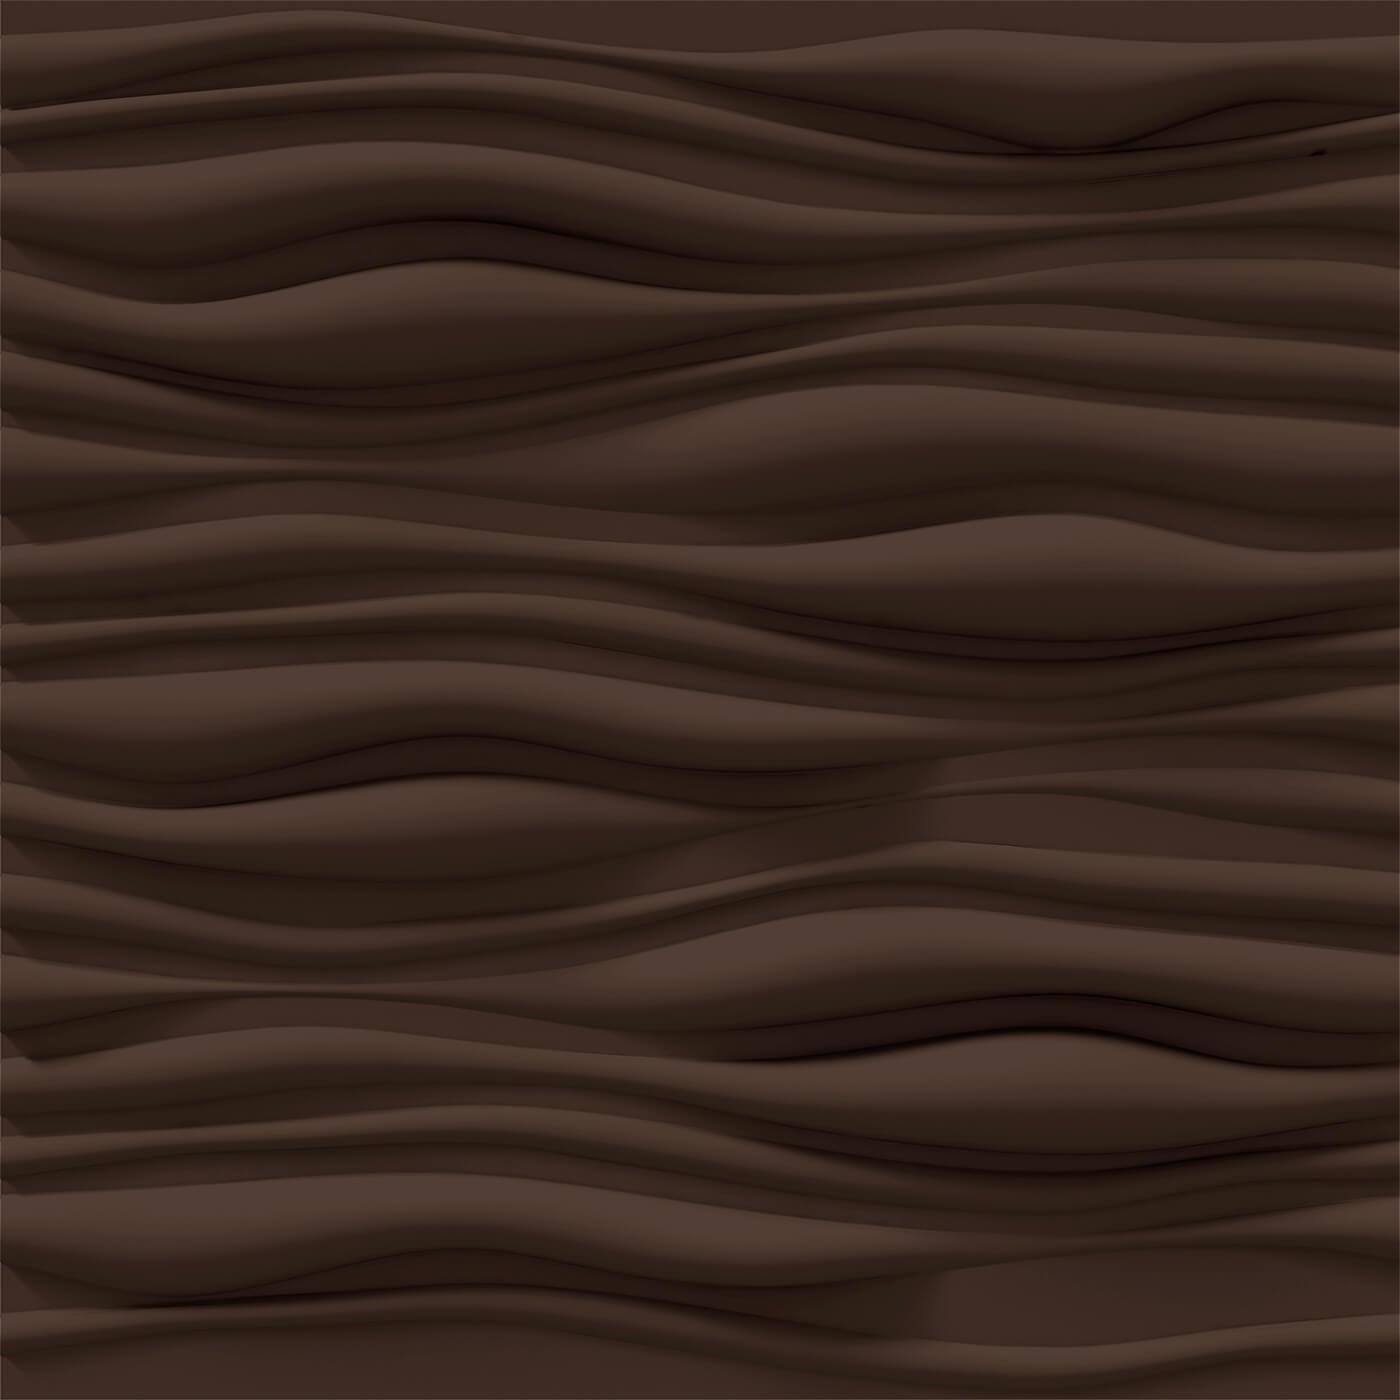 Sumatra #Cocoa